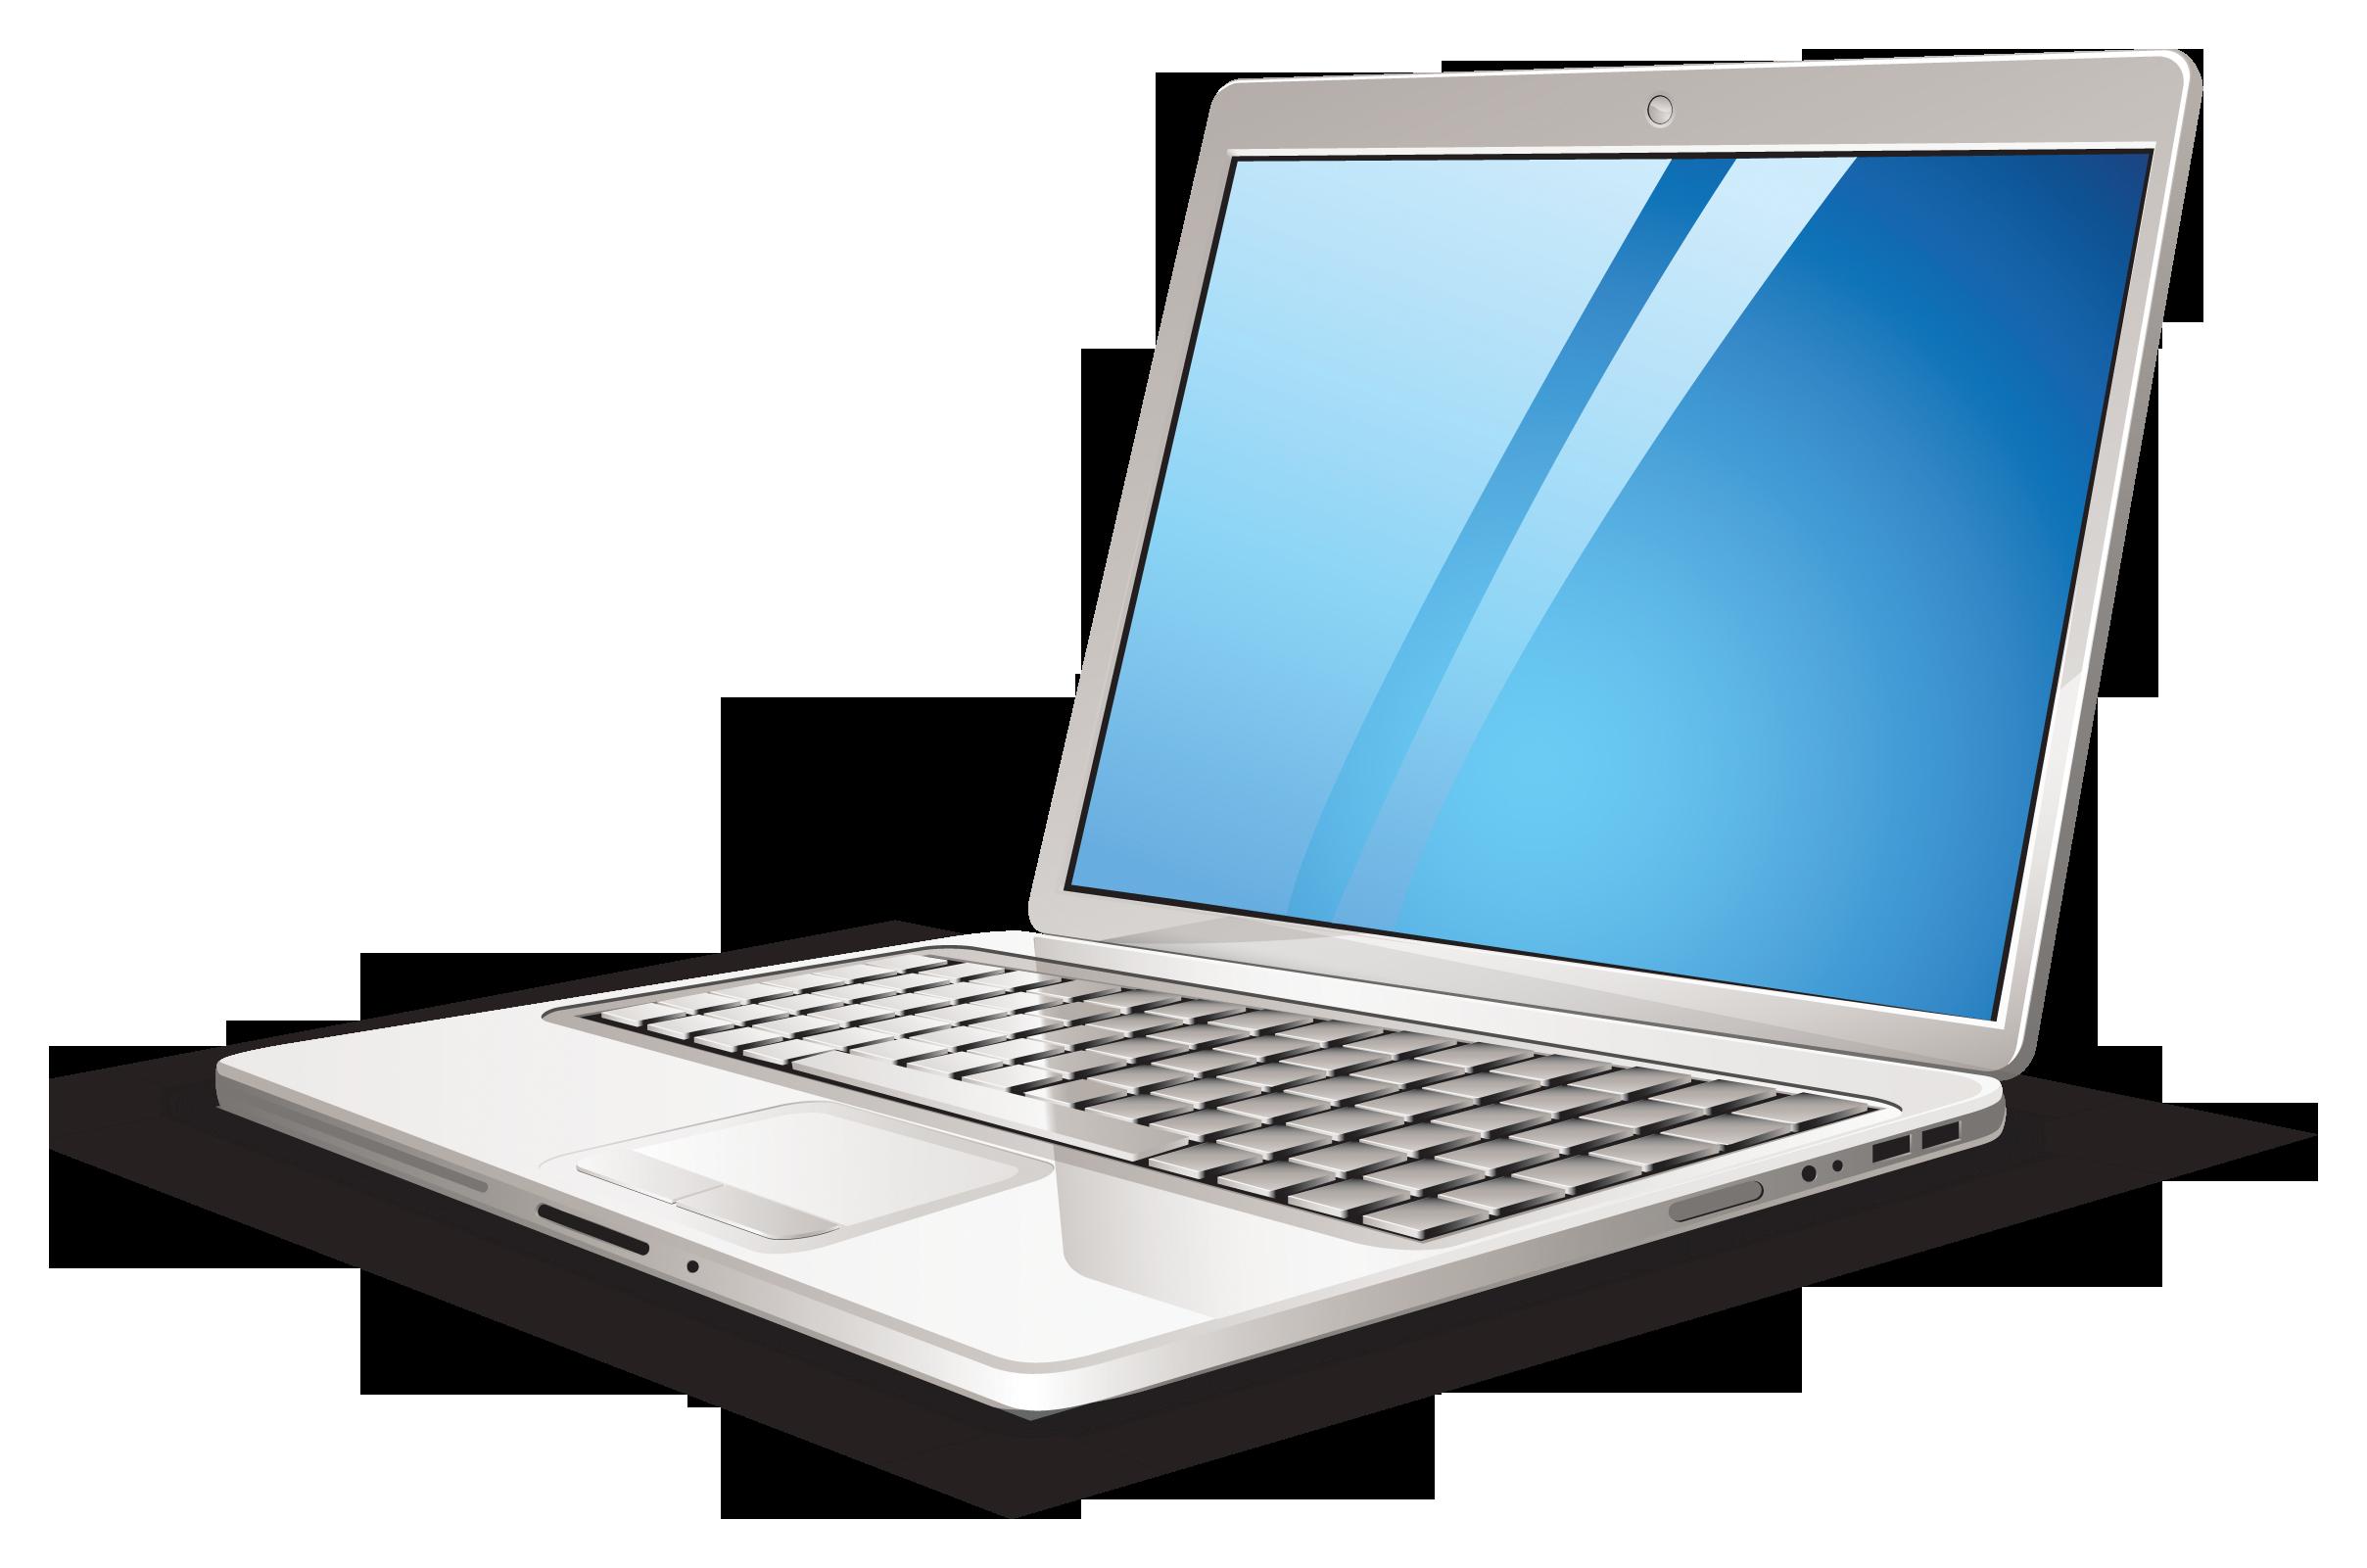 Laptop Free Download PNG - Free PNG Laptop